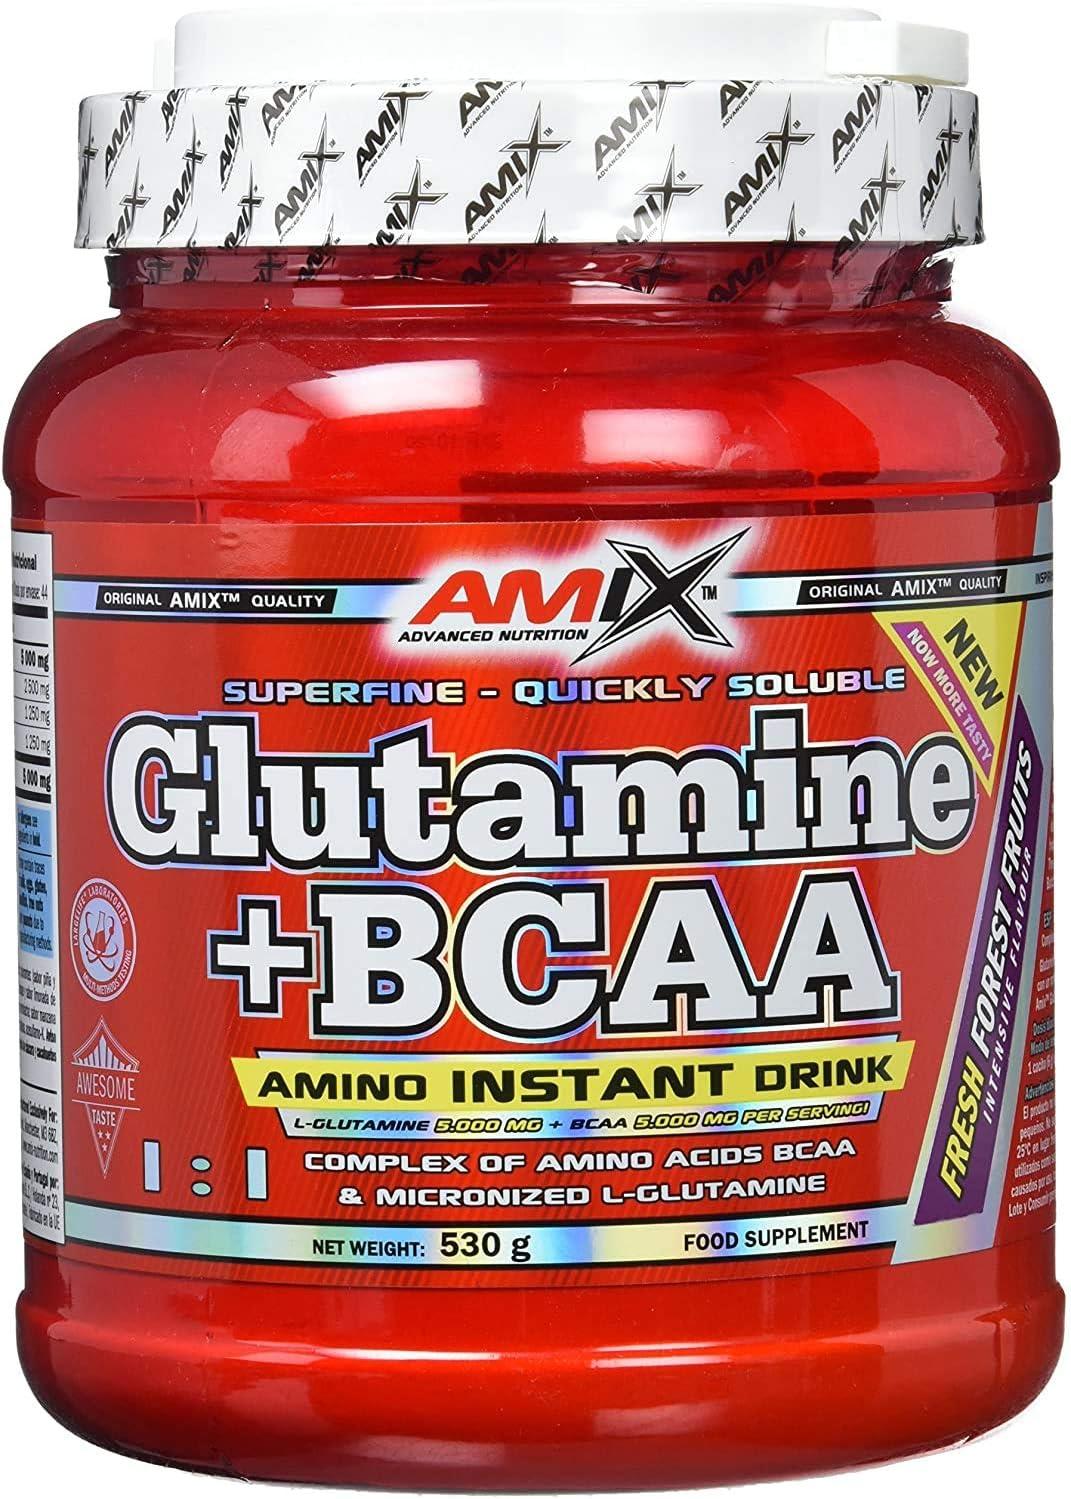 AMIX - Bcaa Glutamina - 530 Gramos - Complemento Alimenticio de Glutamina en Polvo - Reduce el Catabolismo Muscular - Ideal para Deportistas - Sabor ...